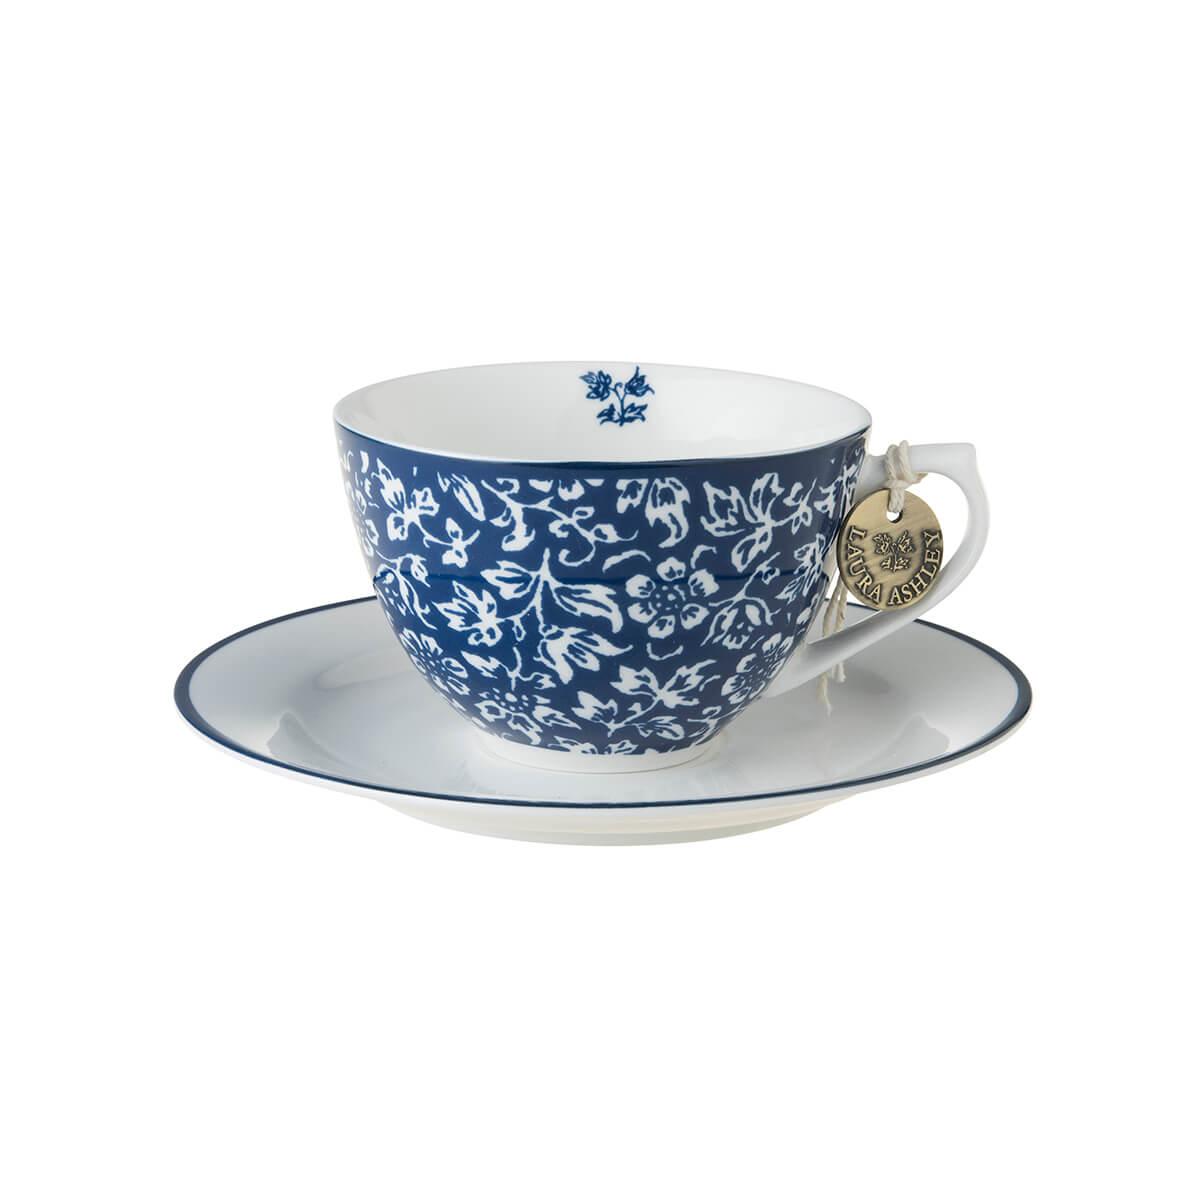 Онлайн каталог PROMENU: Набор: чашка с блюдцем Laura Ashley BLUEPRINT, 2 предмета, синий в мелкий цветок                                   178675